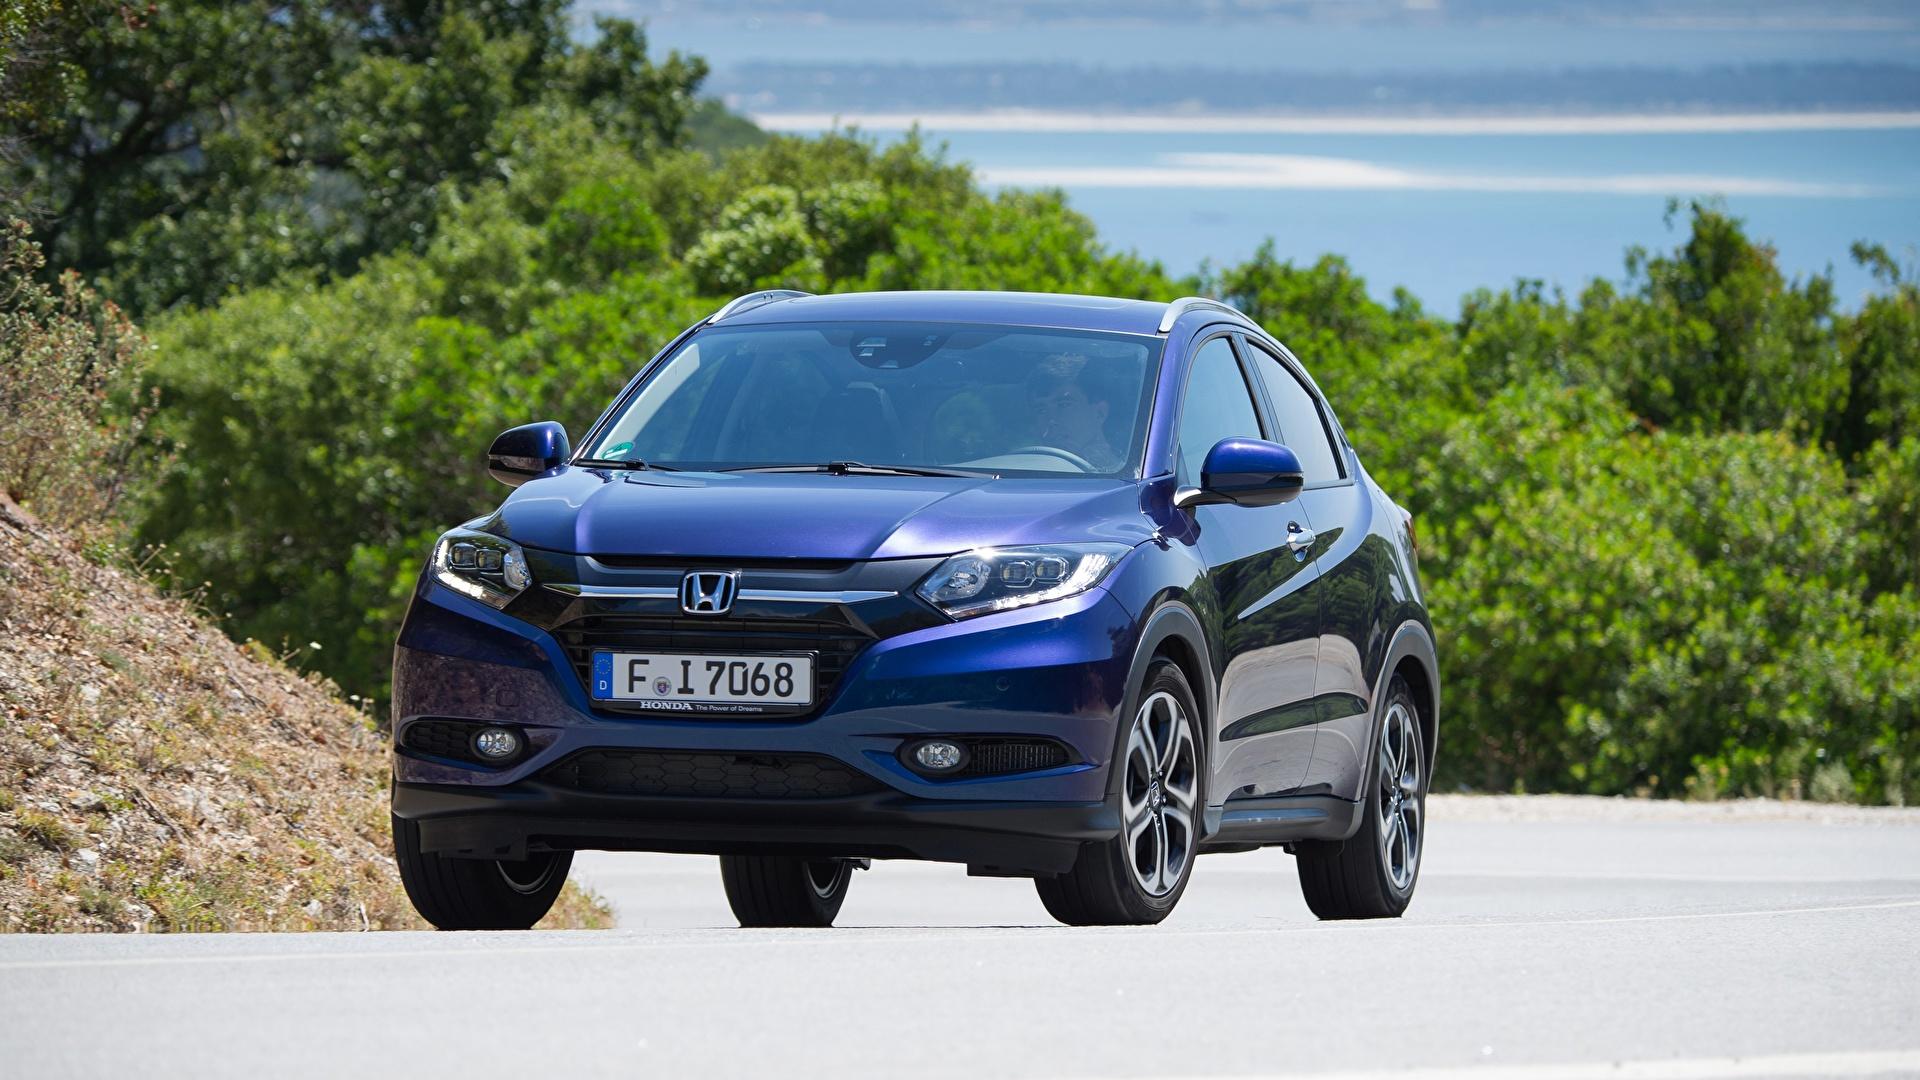 Фото Honda Кроссовер HR-V, 2015 машина Спереди Металлик 1920x1080 Хонда CUV авто машины Автомобили автомобиль